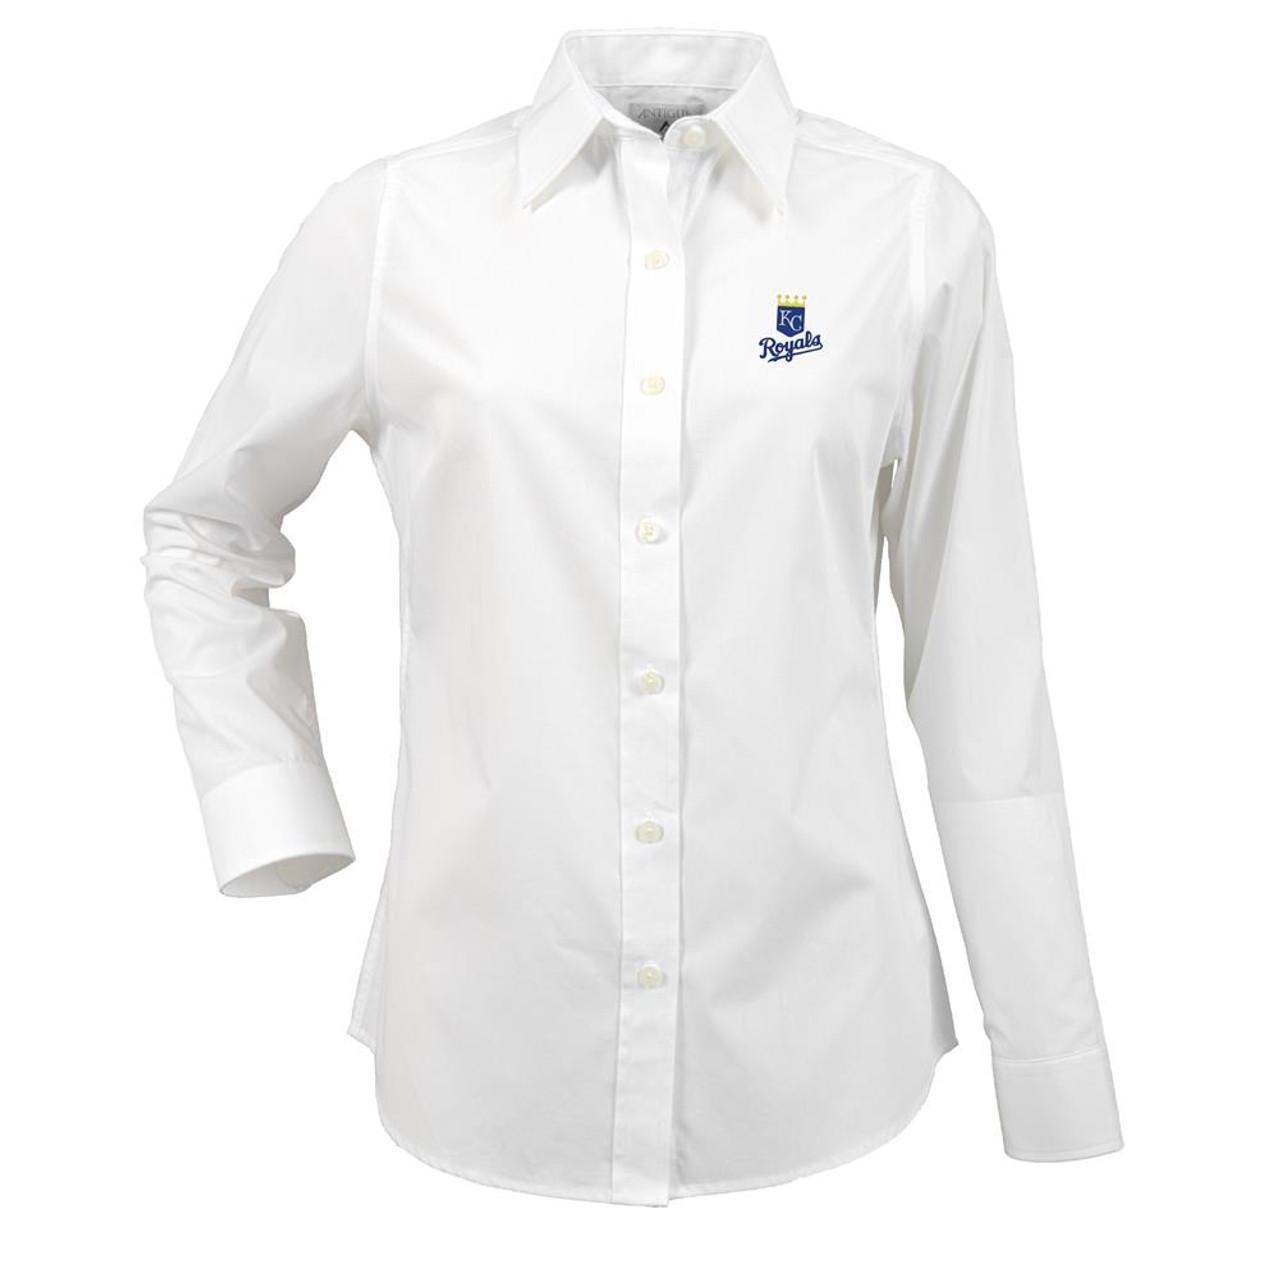 Kansas City Royals Women's Long Sleeve Dress Shirt